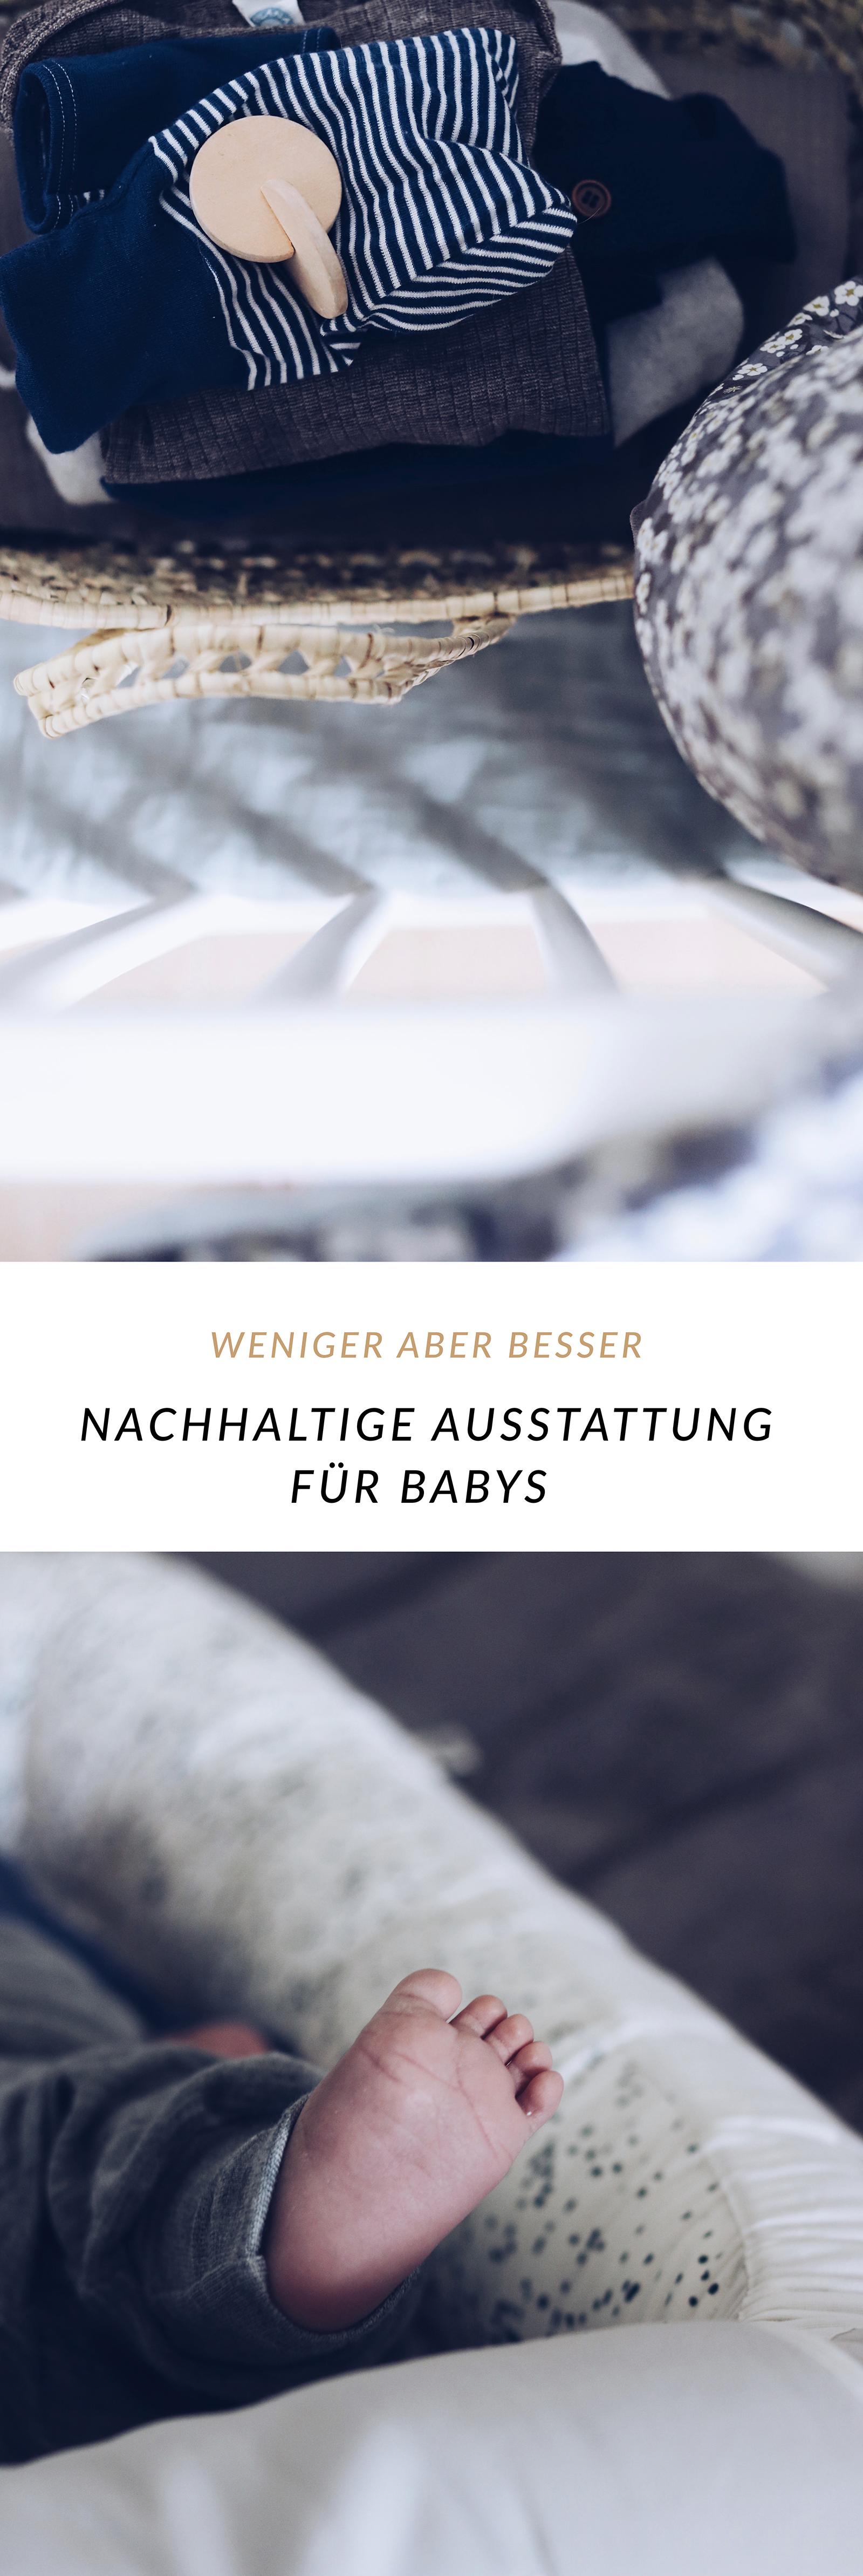 Nachhaltige minimalistische Erstausstattung fürs Baby